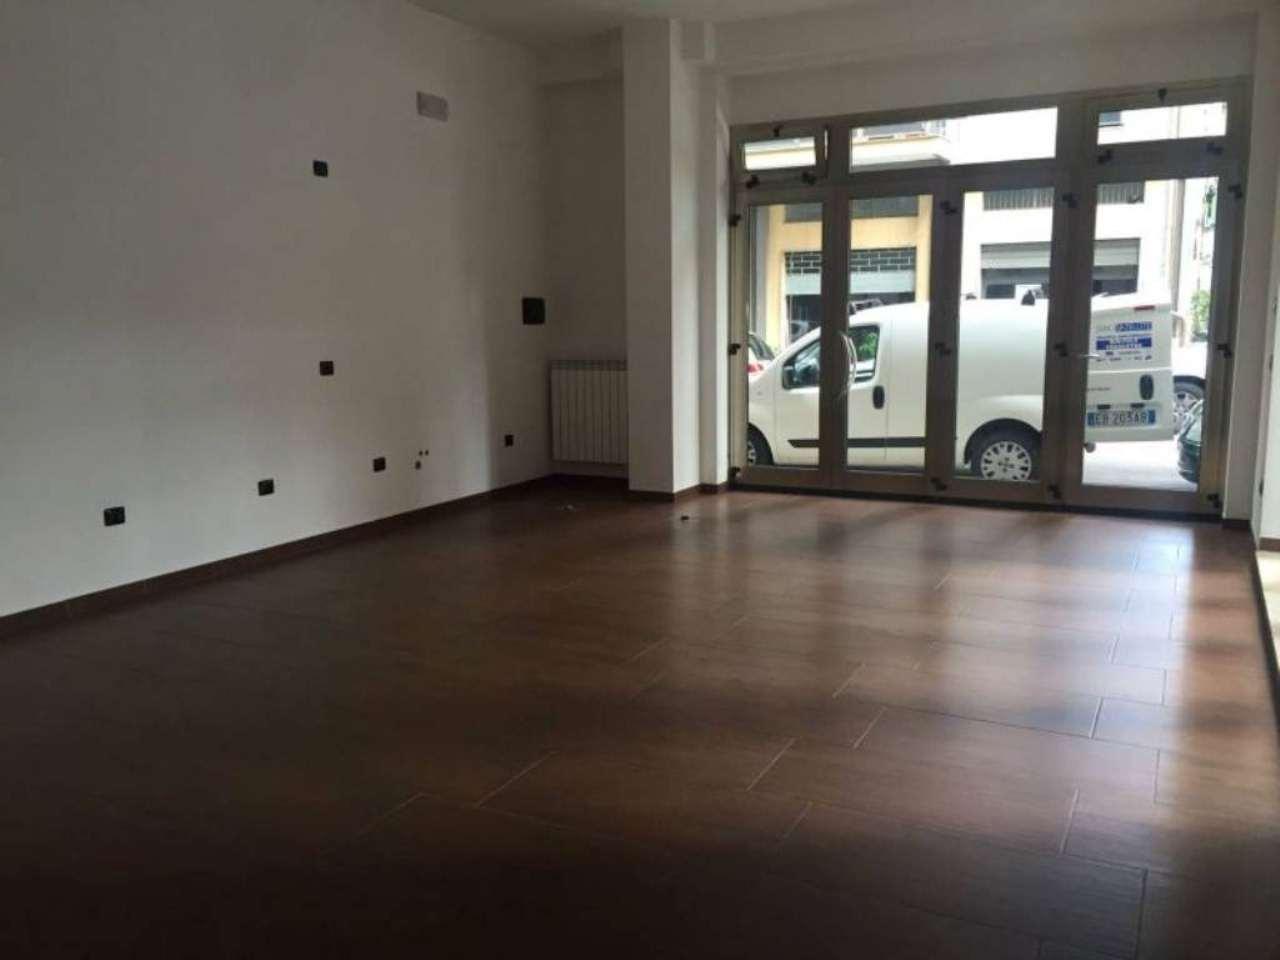 Negozio / Locale in affitto a Pescara, 3 locali, prezzo € 1.800 | CambioCasa.it